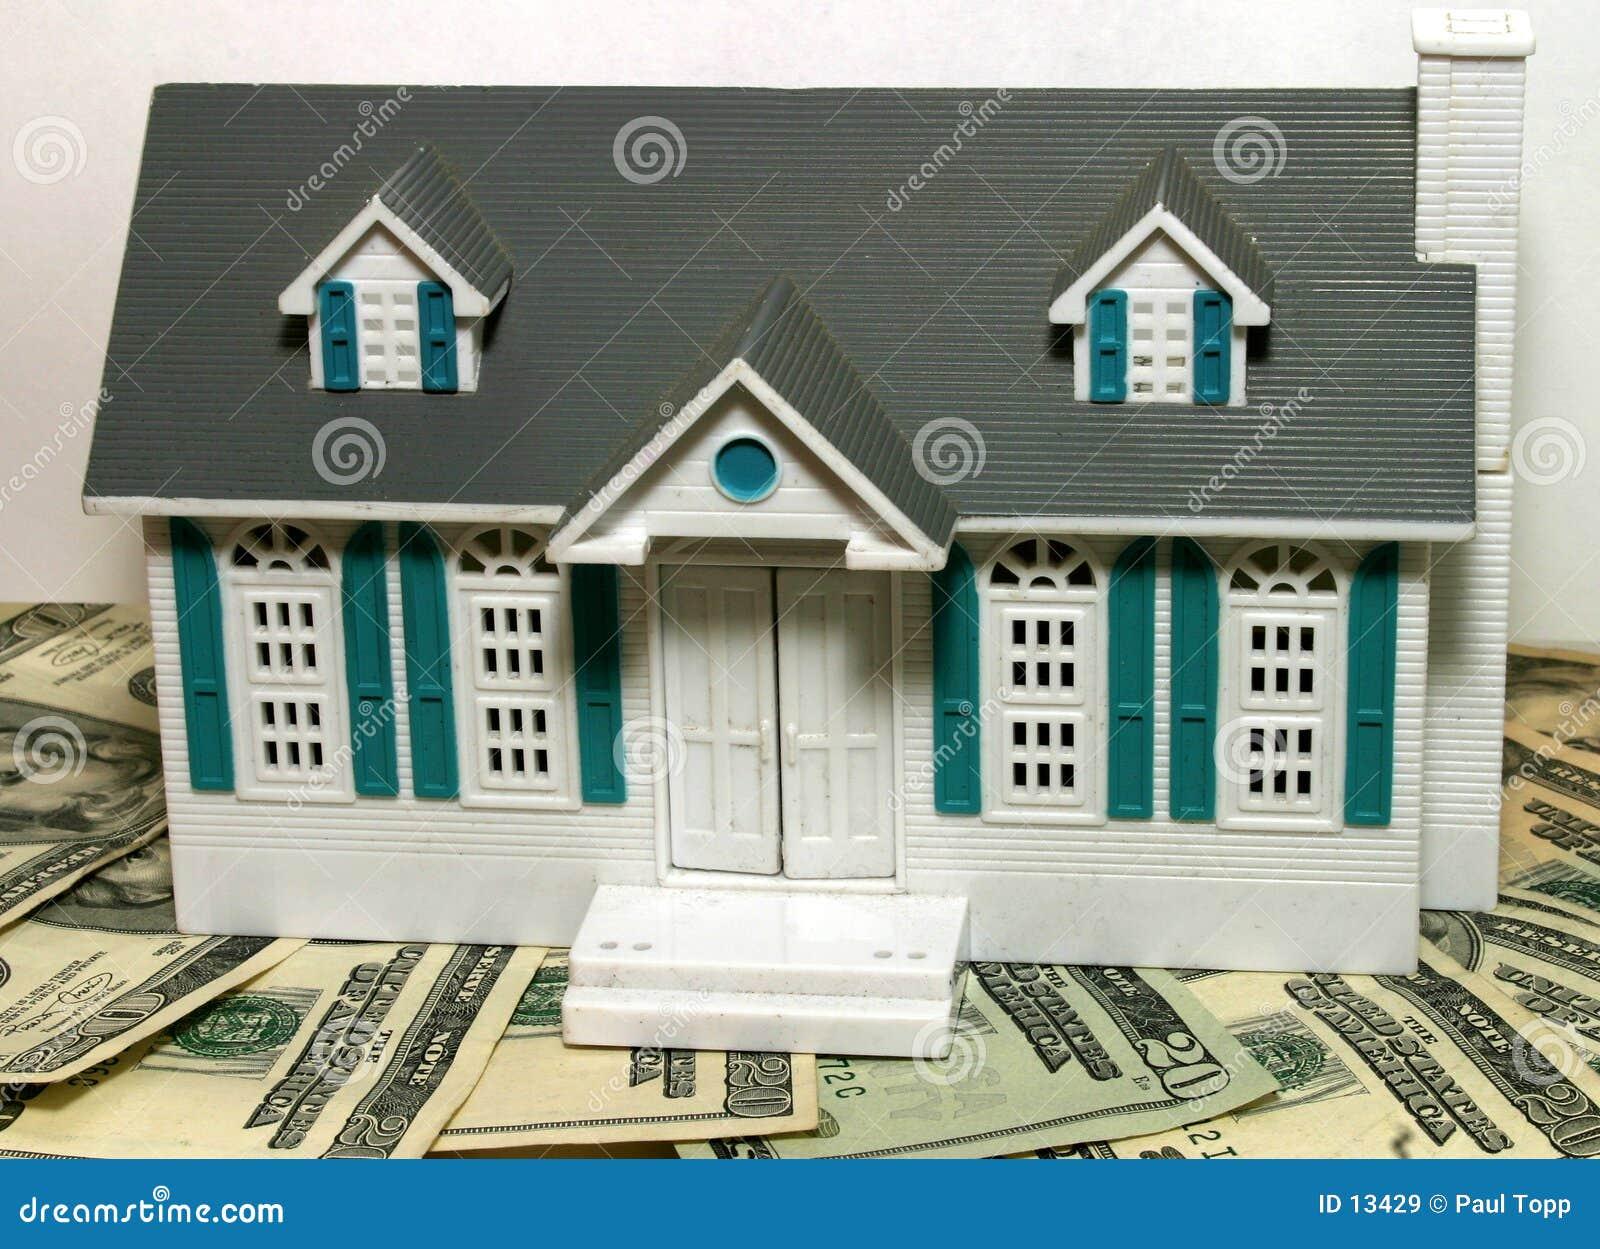 ипотека ипотечного кредита